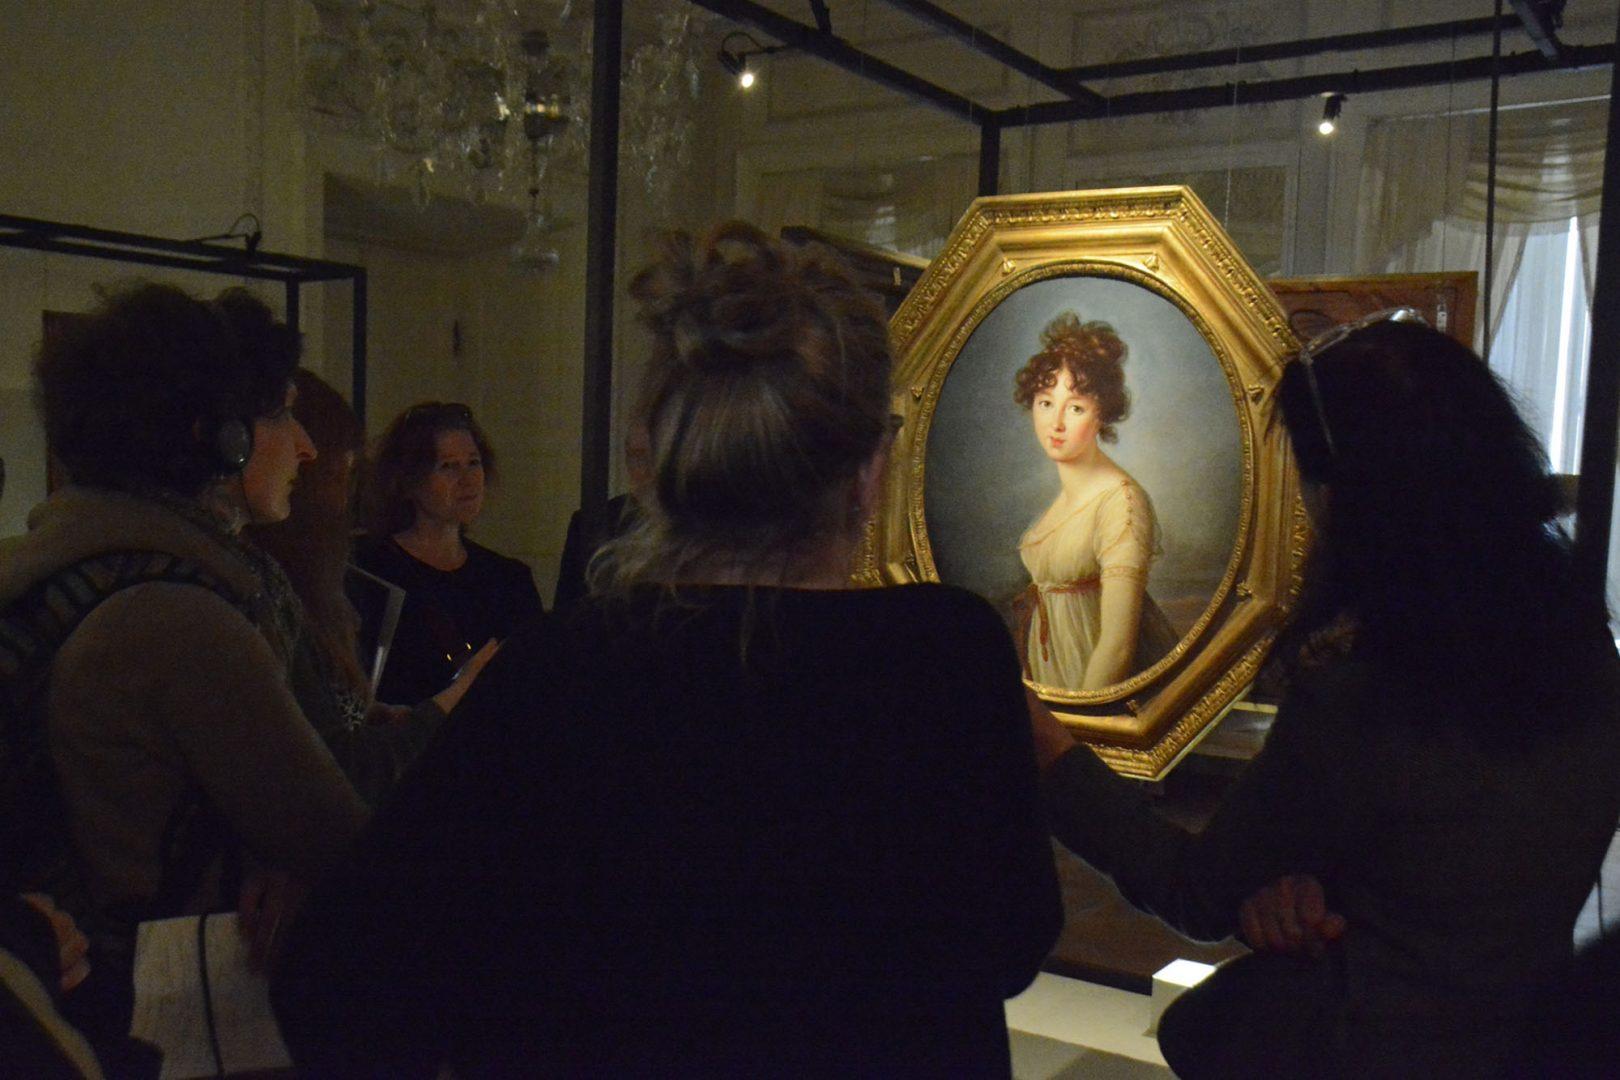 Wernisaż wystawy dzieł Élisabeth Vigée Le Brun wNieborowie